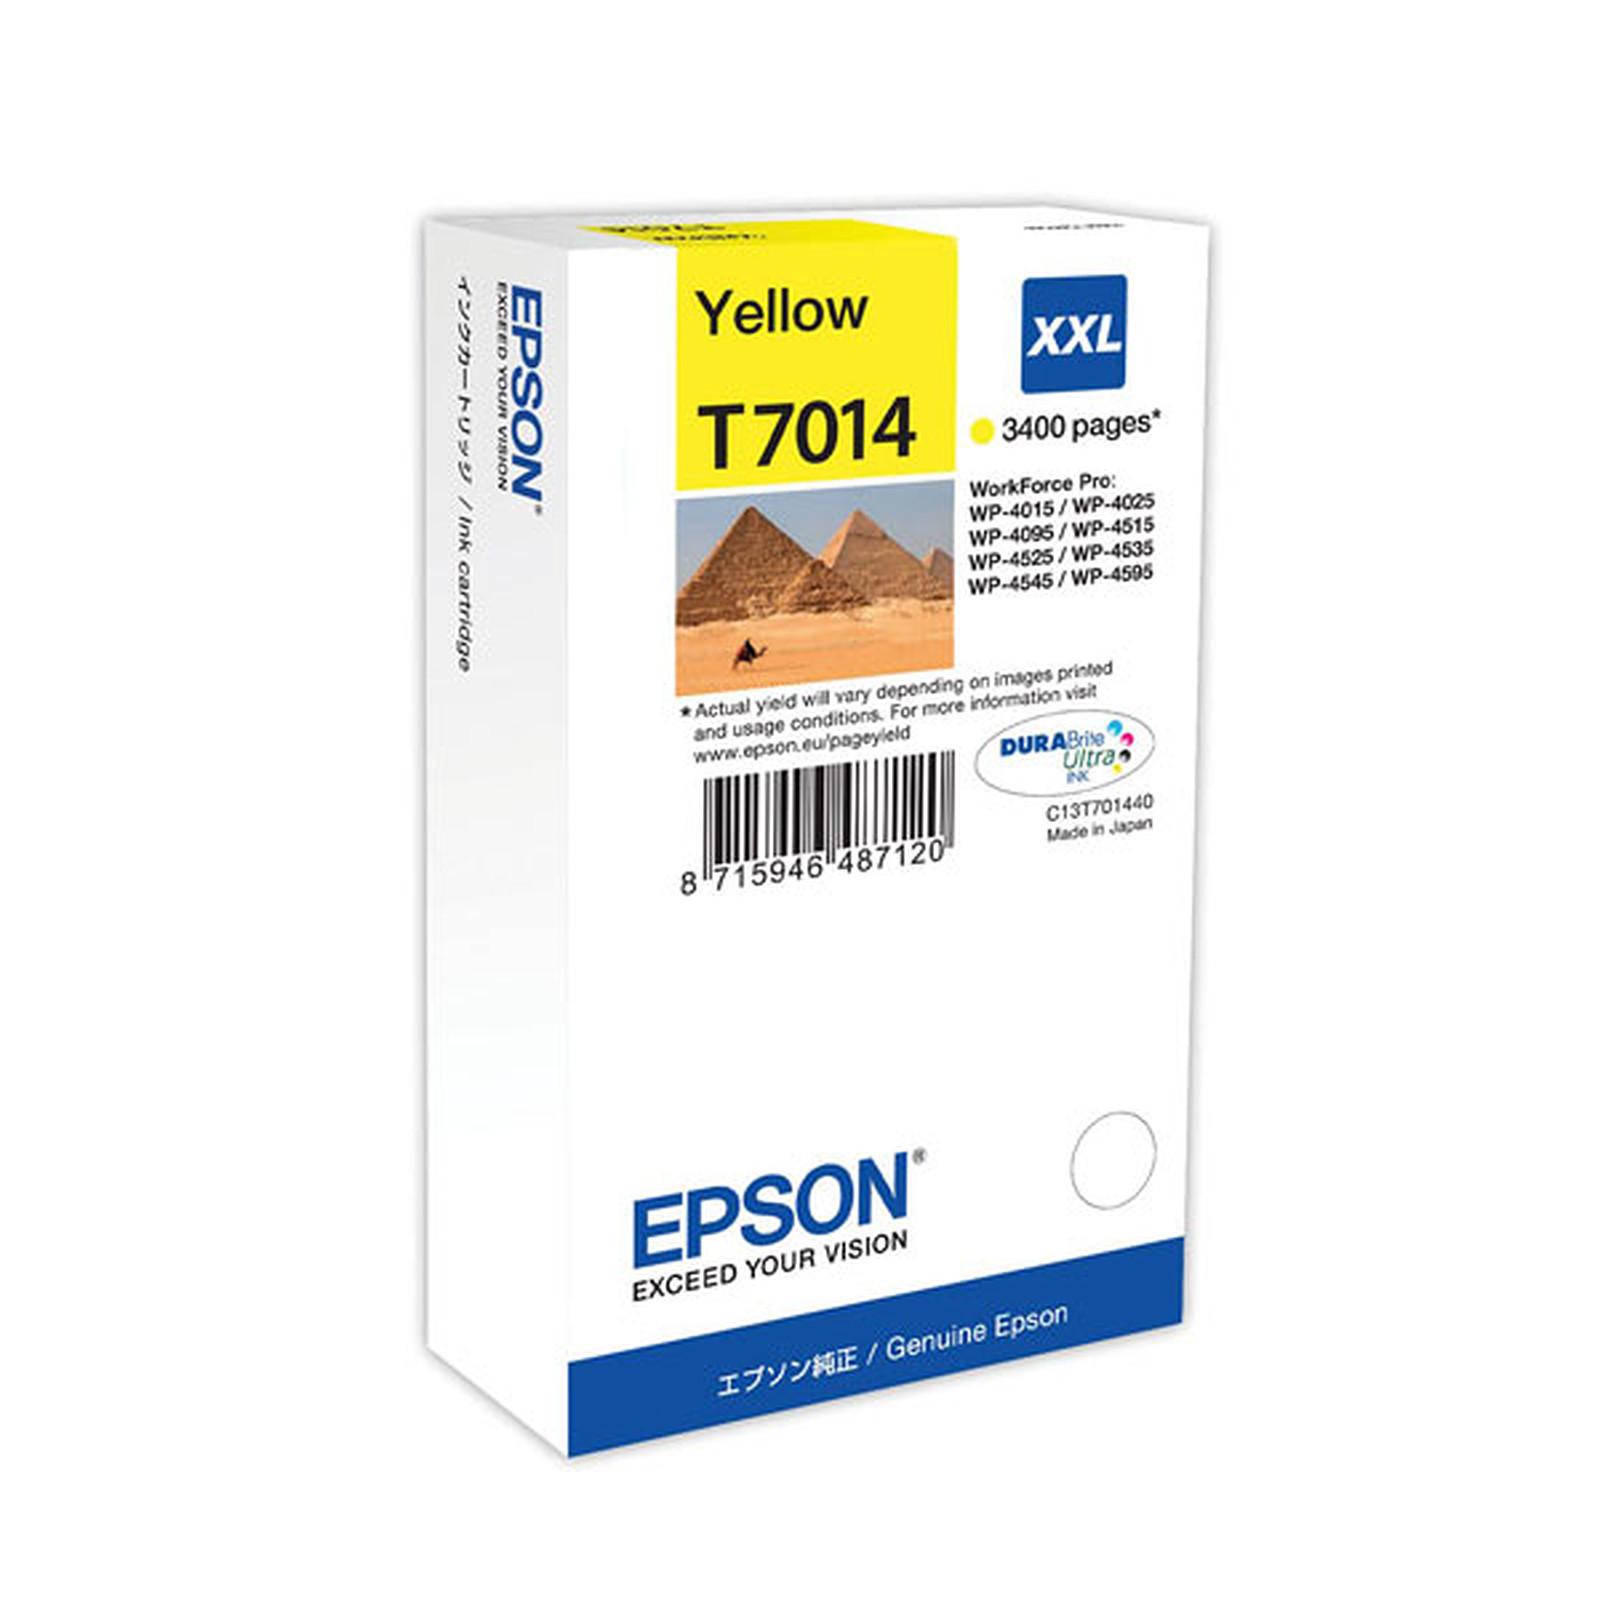 Epson T7014 XXL